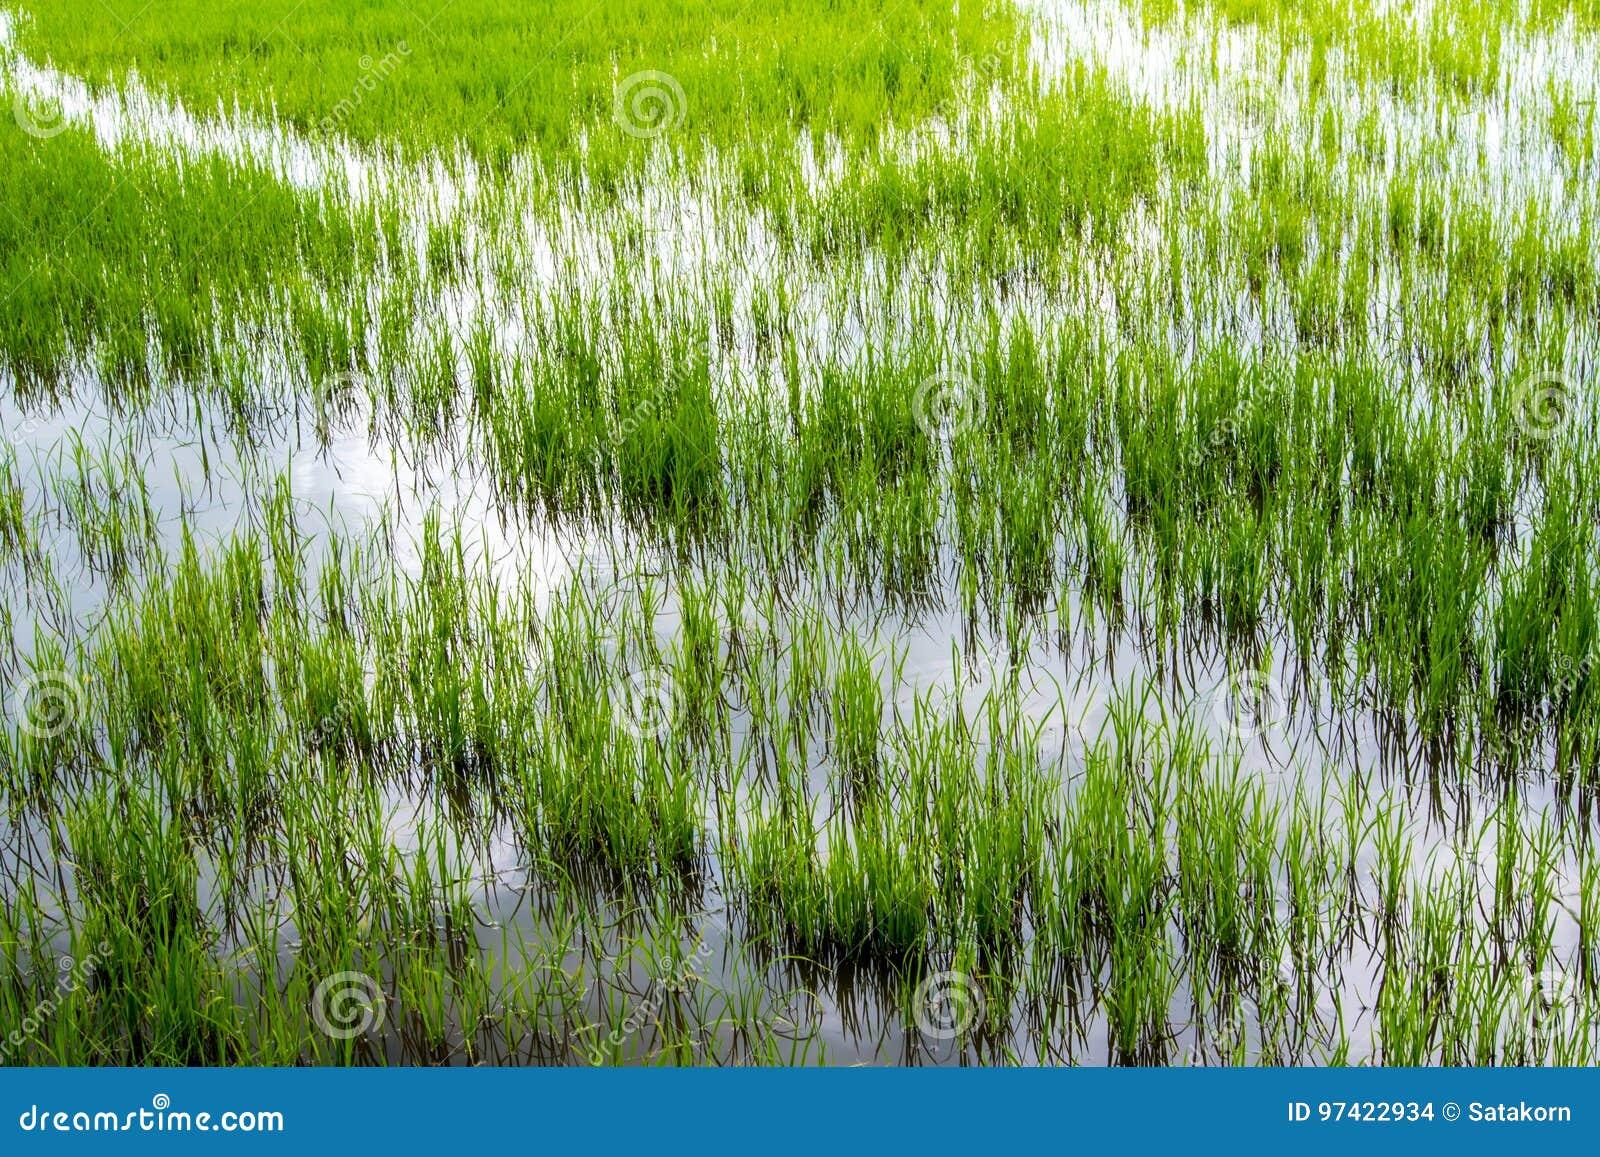 Zieleń i świeżość ryżu pola sceneria